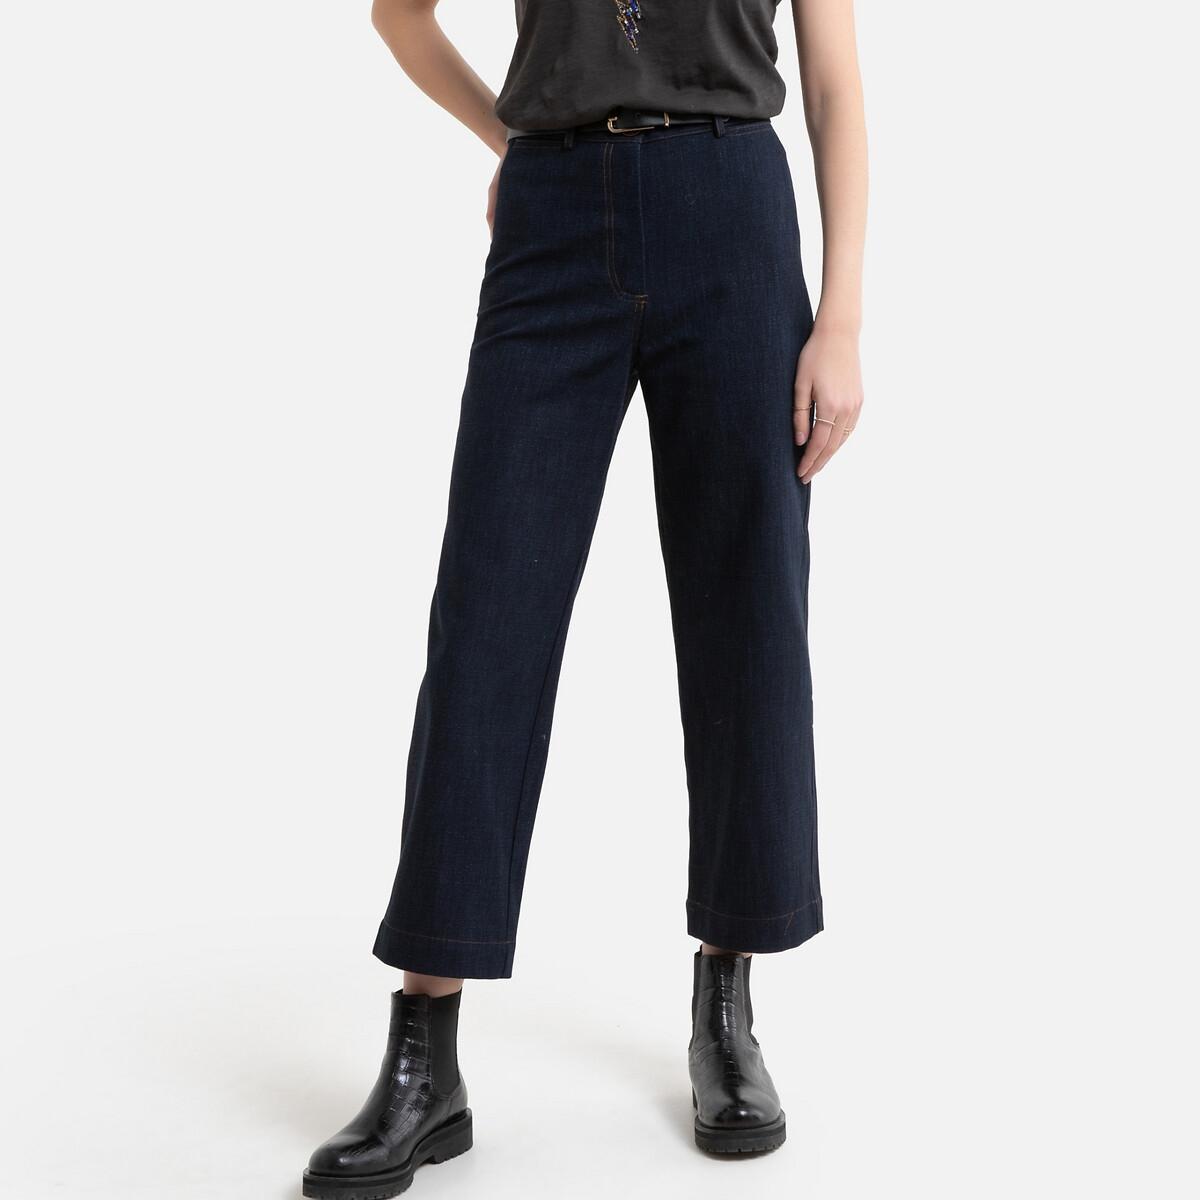 Джинсы LaRedoute Широкие короткие с завышенной талией COOKIE M 38 (FR) - 44 (RUS) синий брюки la redoute в полоску широкие с высокой талией 38 fr 44 rus черный